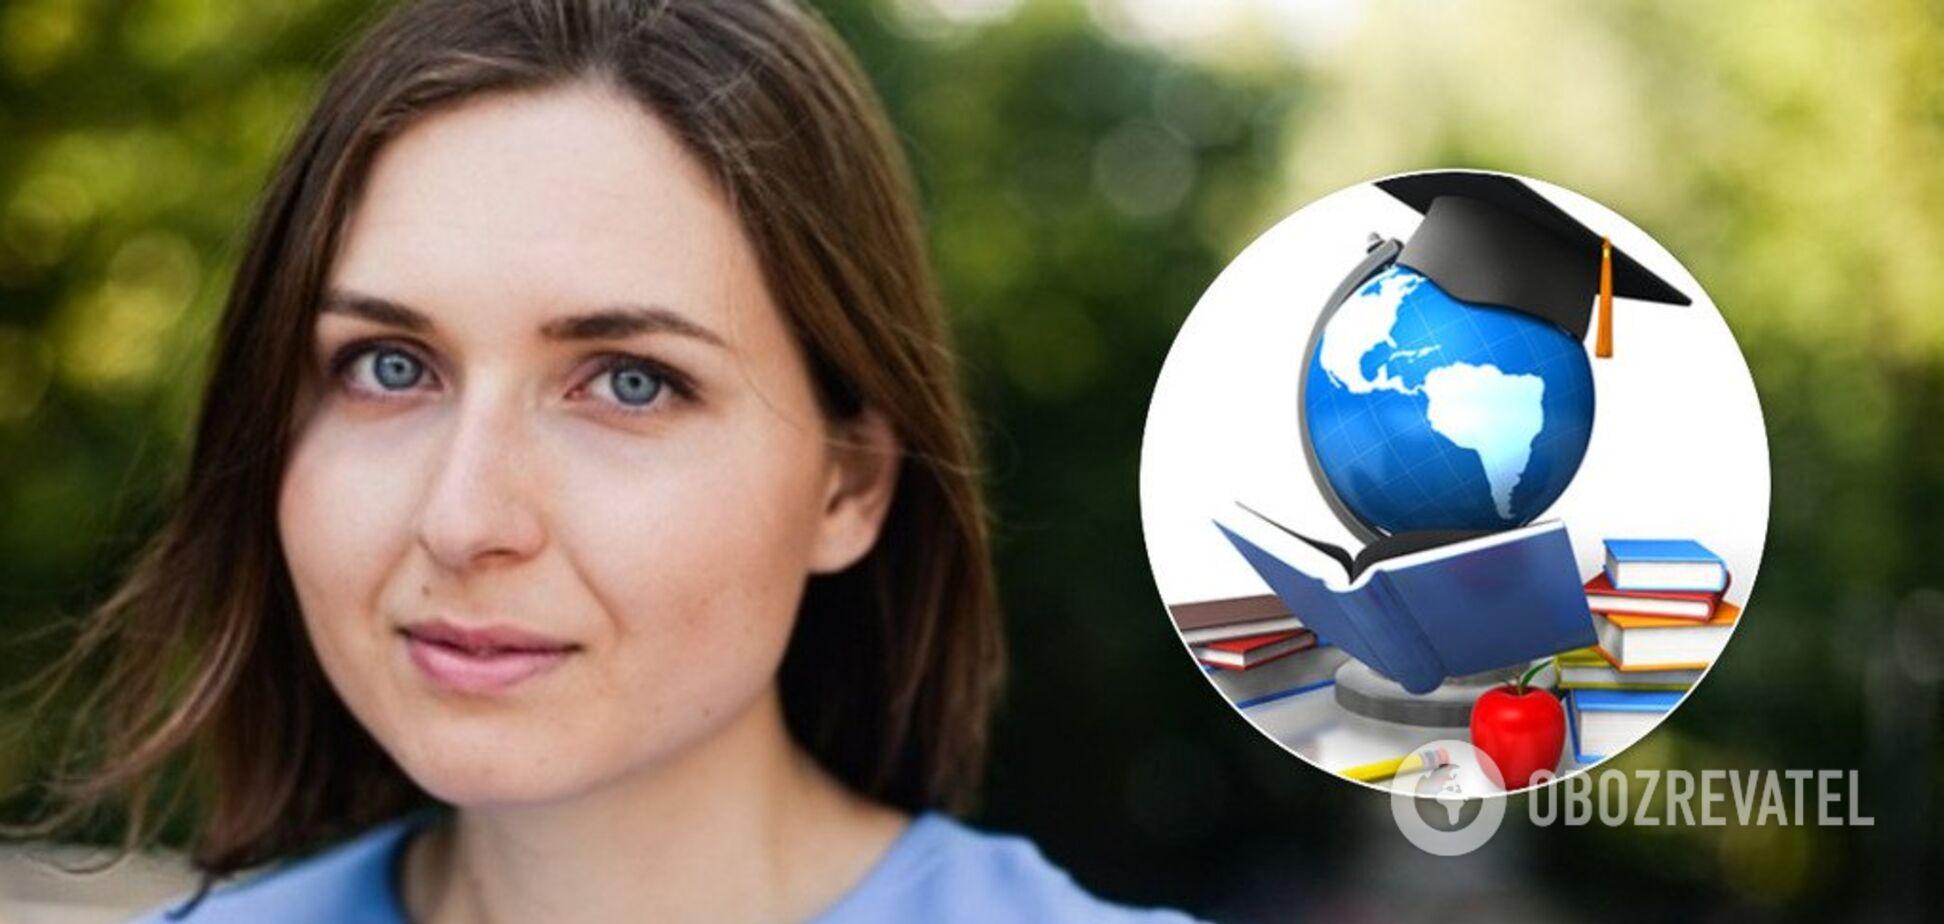 Гриневич ее хвалила: что известно о новом министре образования Украины